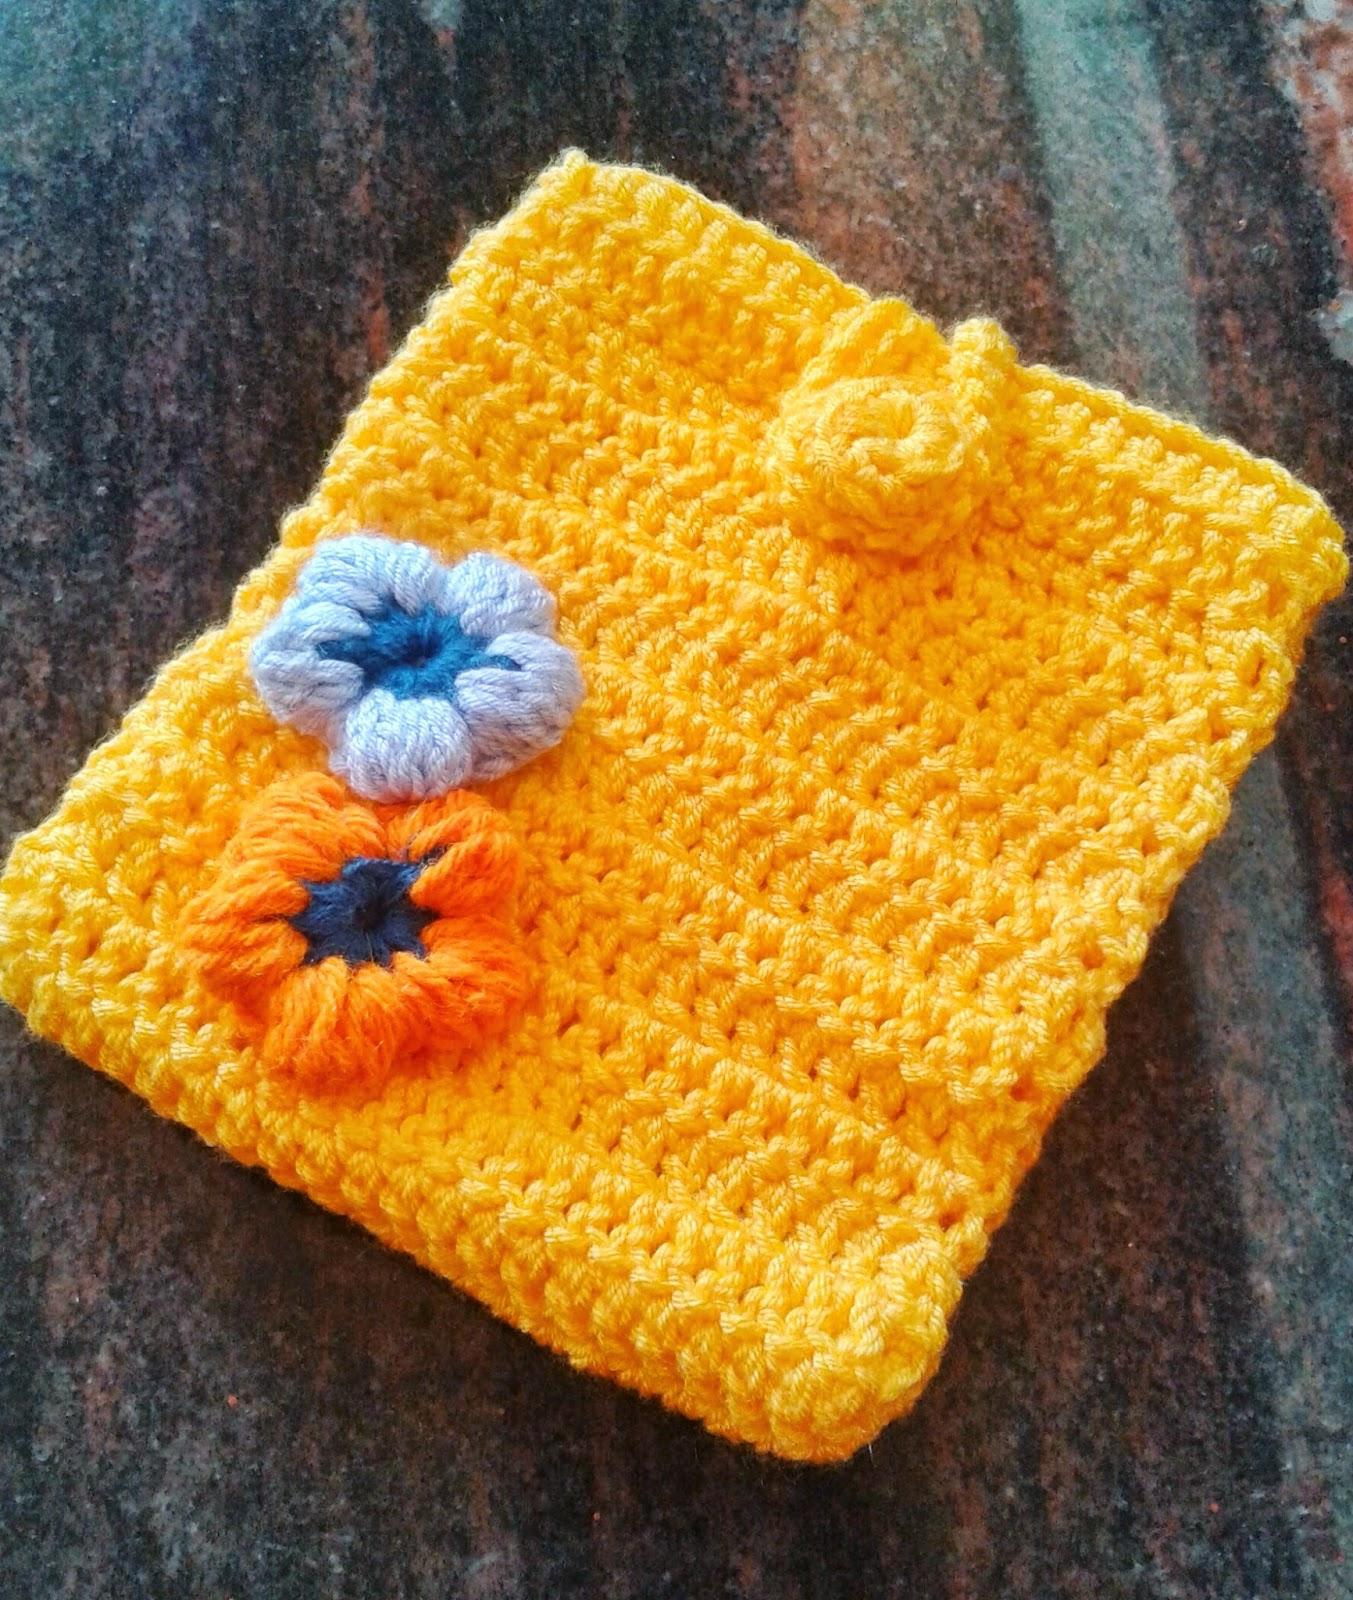 crochet mobilr pouch